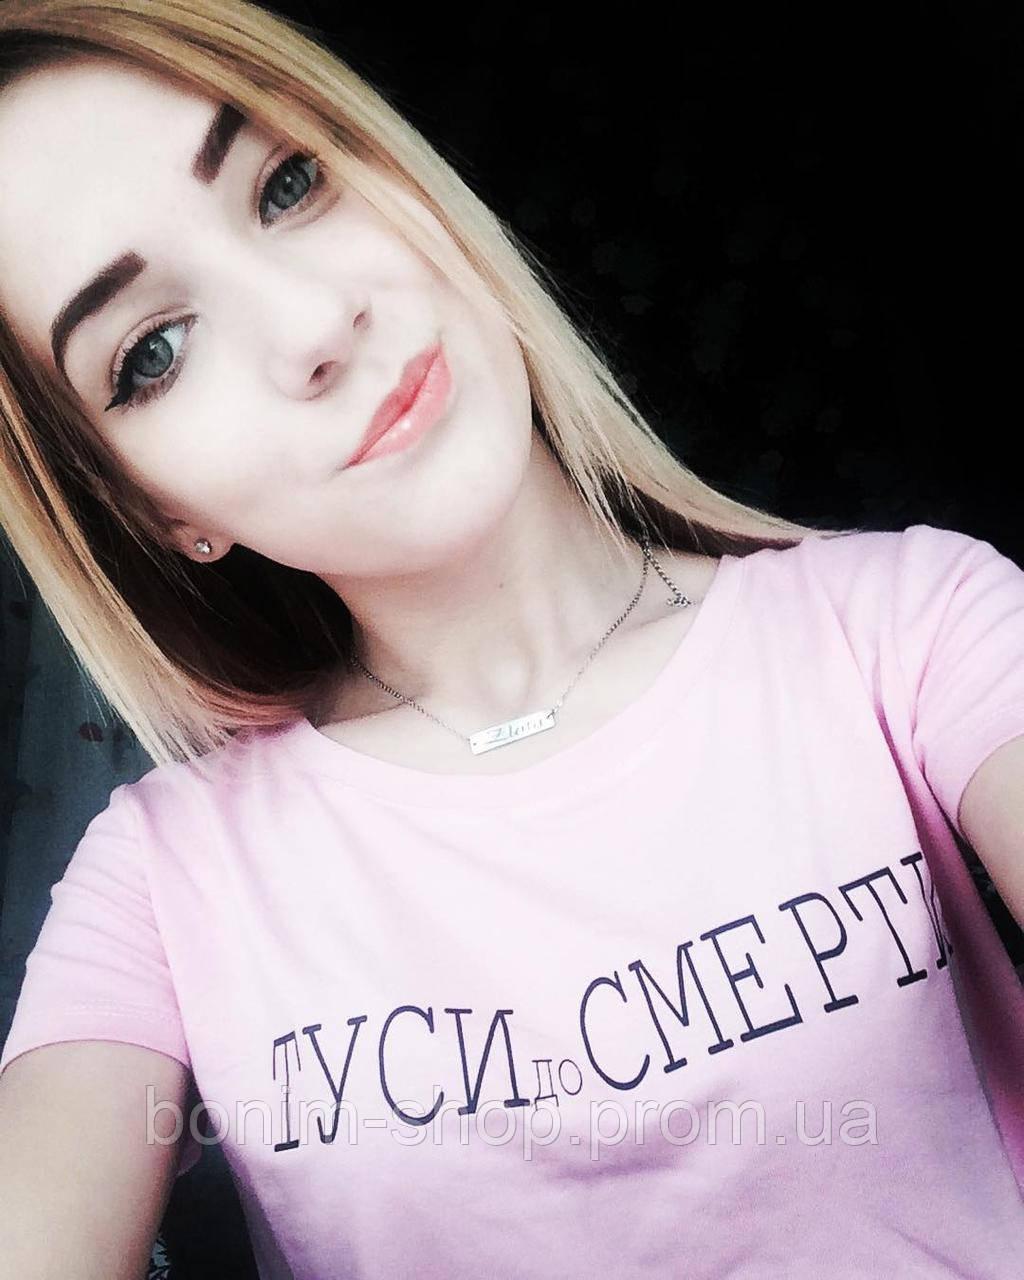 Розовая женская футболка с принтом Туси до смерти